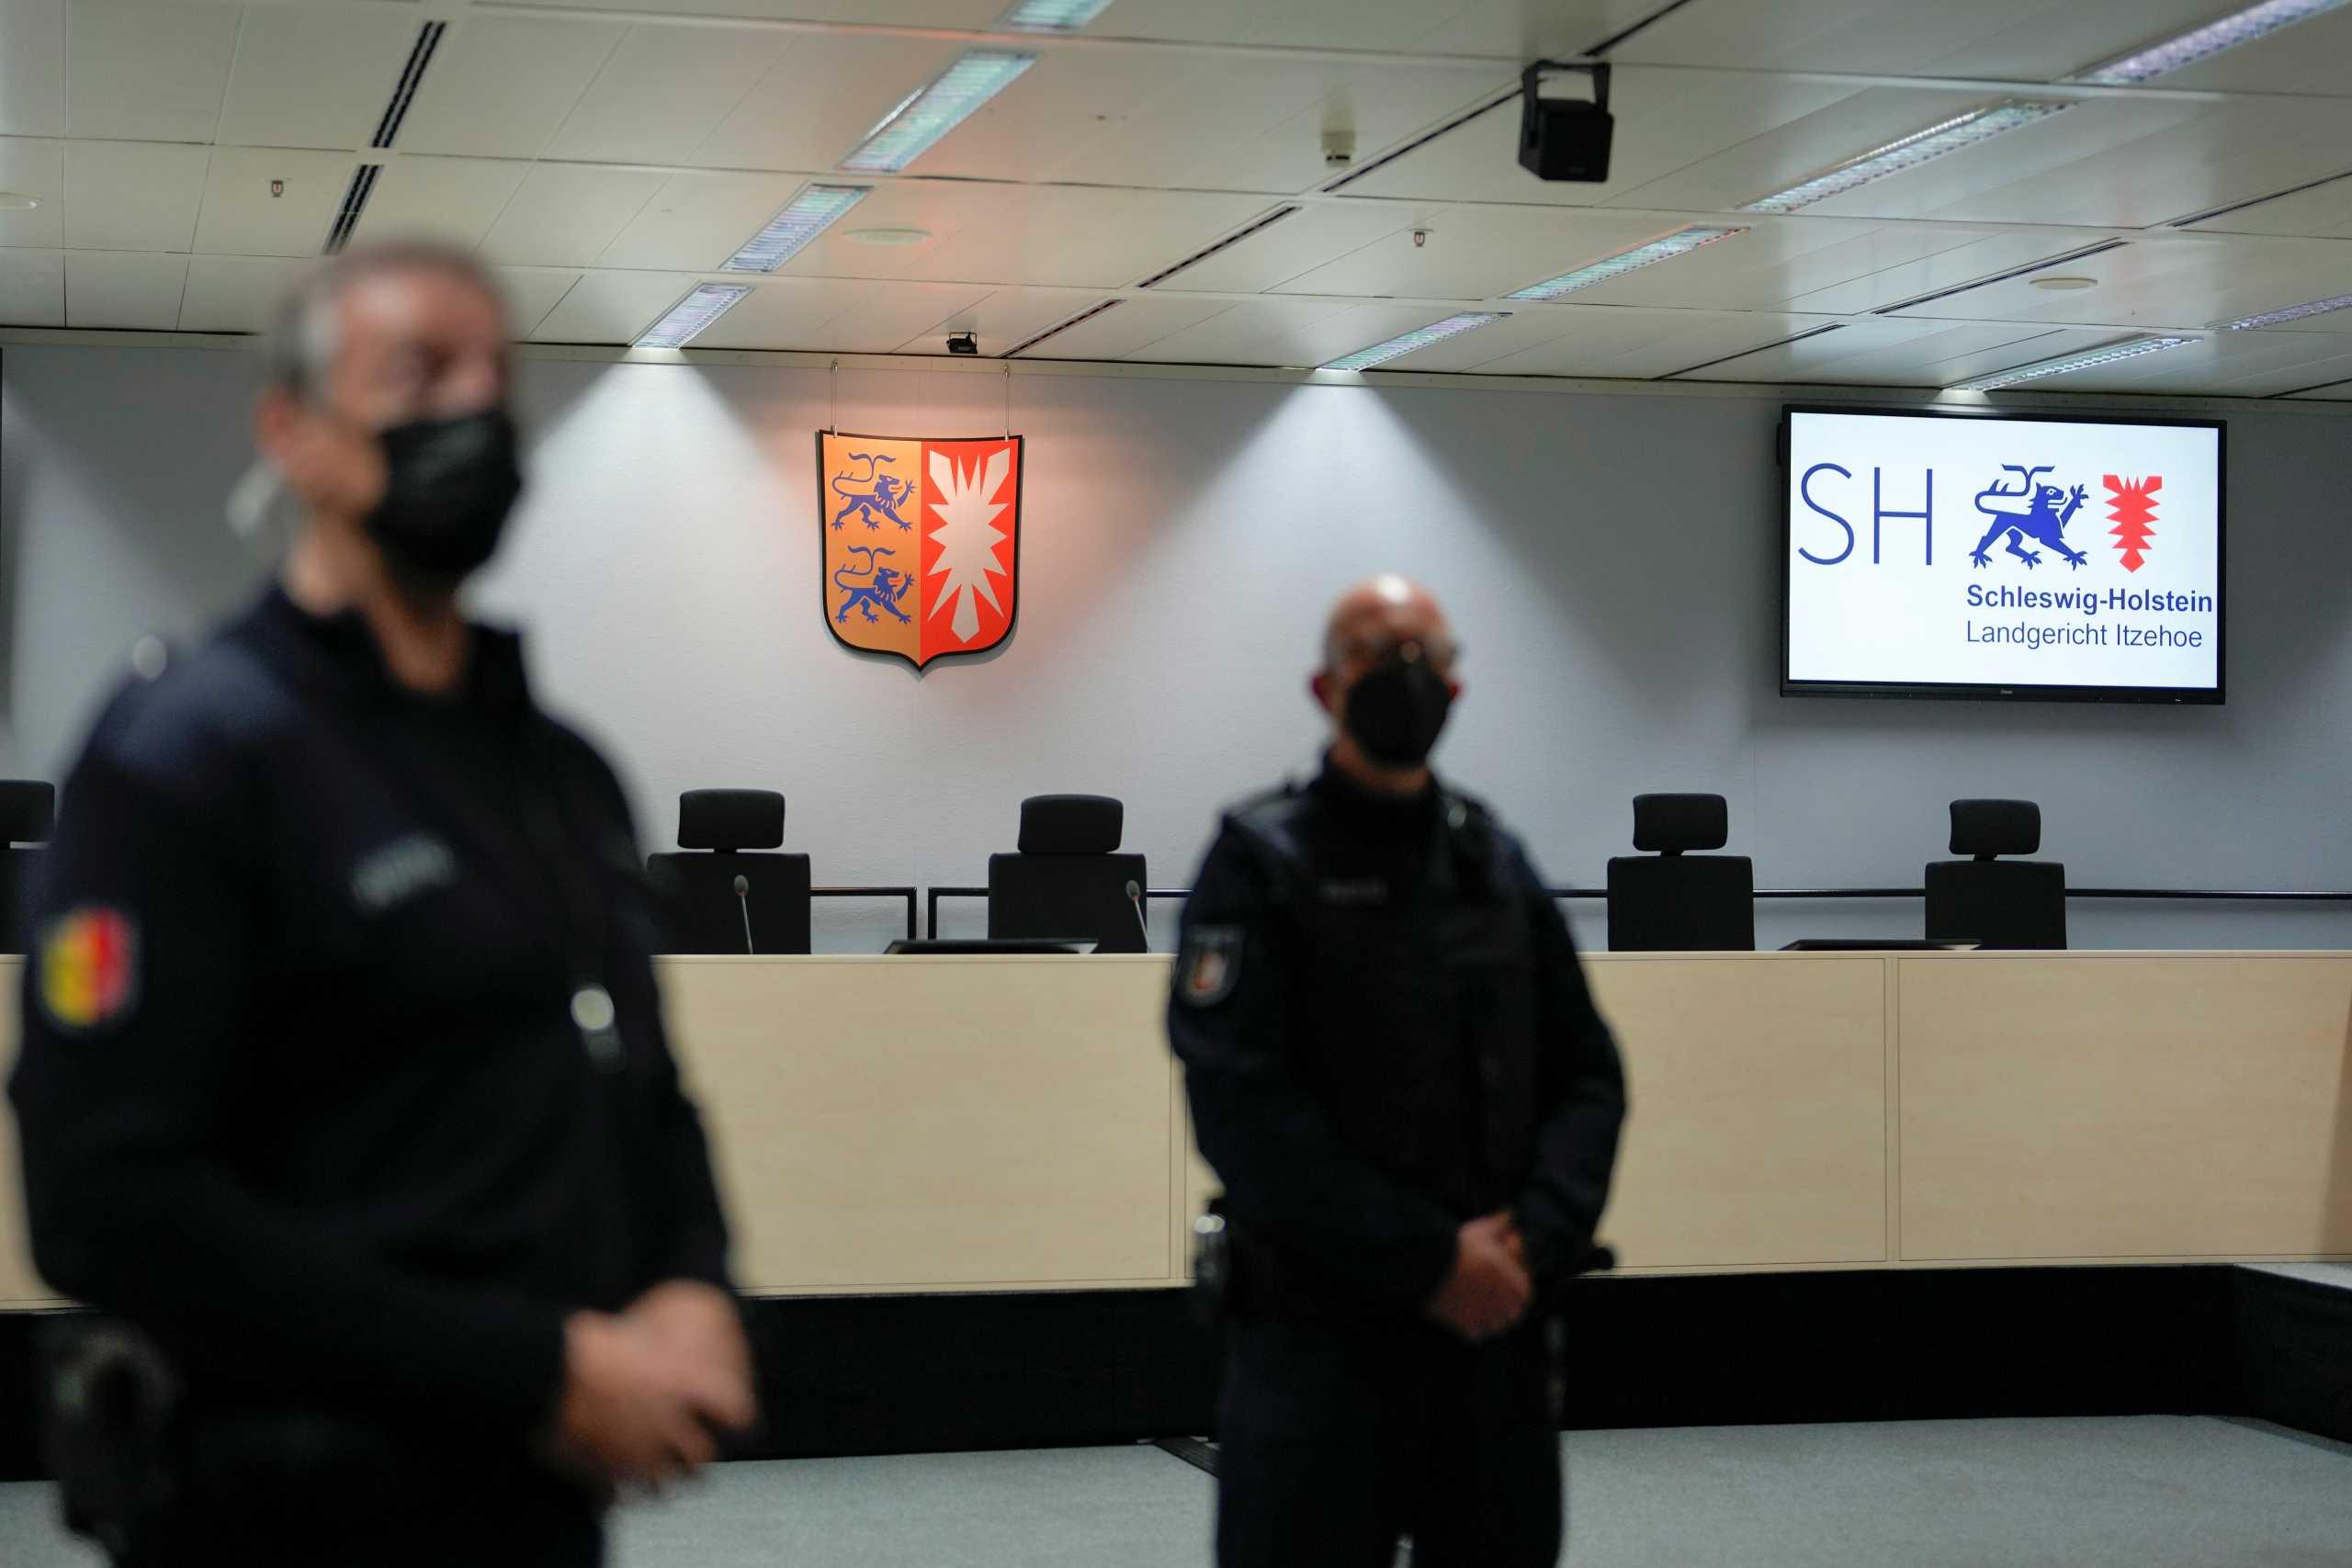 Γερμανία: «Το 'σκασε» 96χρονη γραμματέας σε στρατόπεδο συγκέντρωσης για να μη δικαστεί